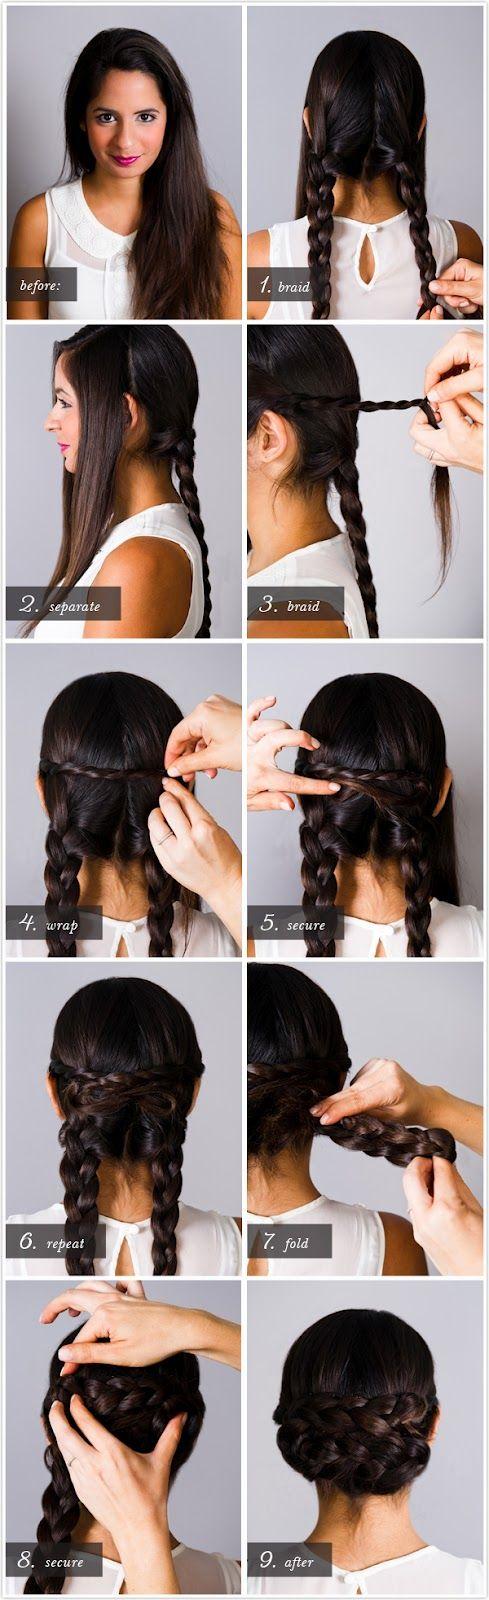 1d4d9  braidedBun Grid آموزش تصویری بستن مدل مو ساده و شیک دخترانه (5)